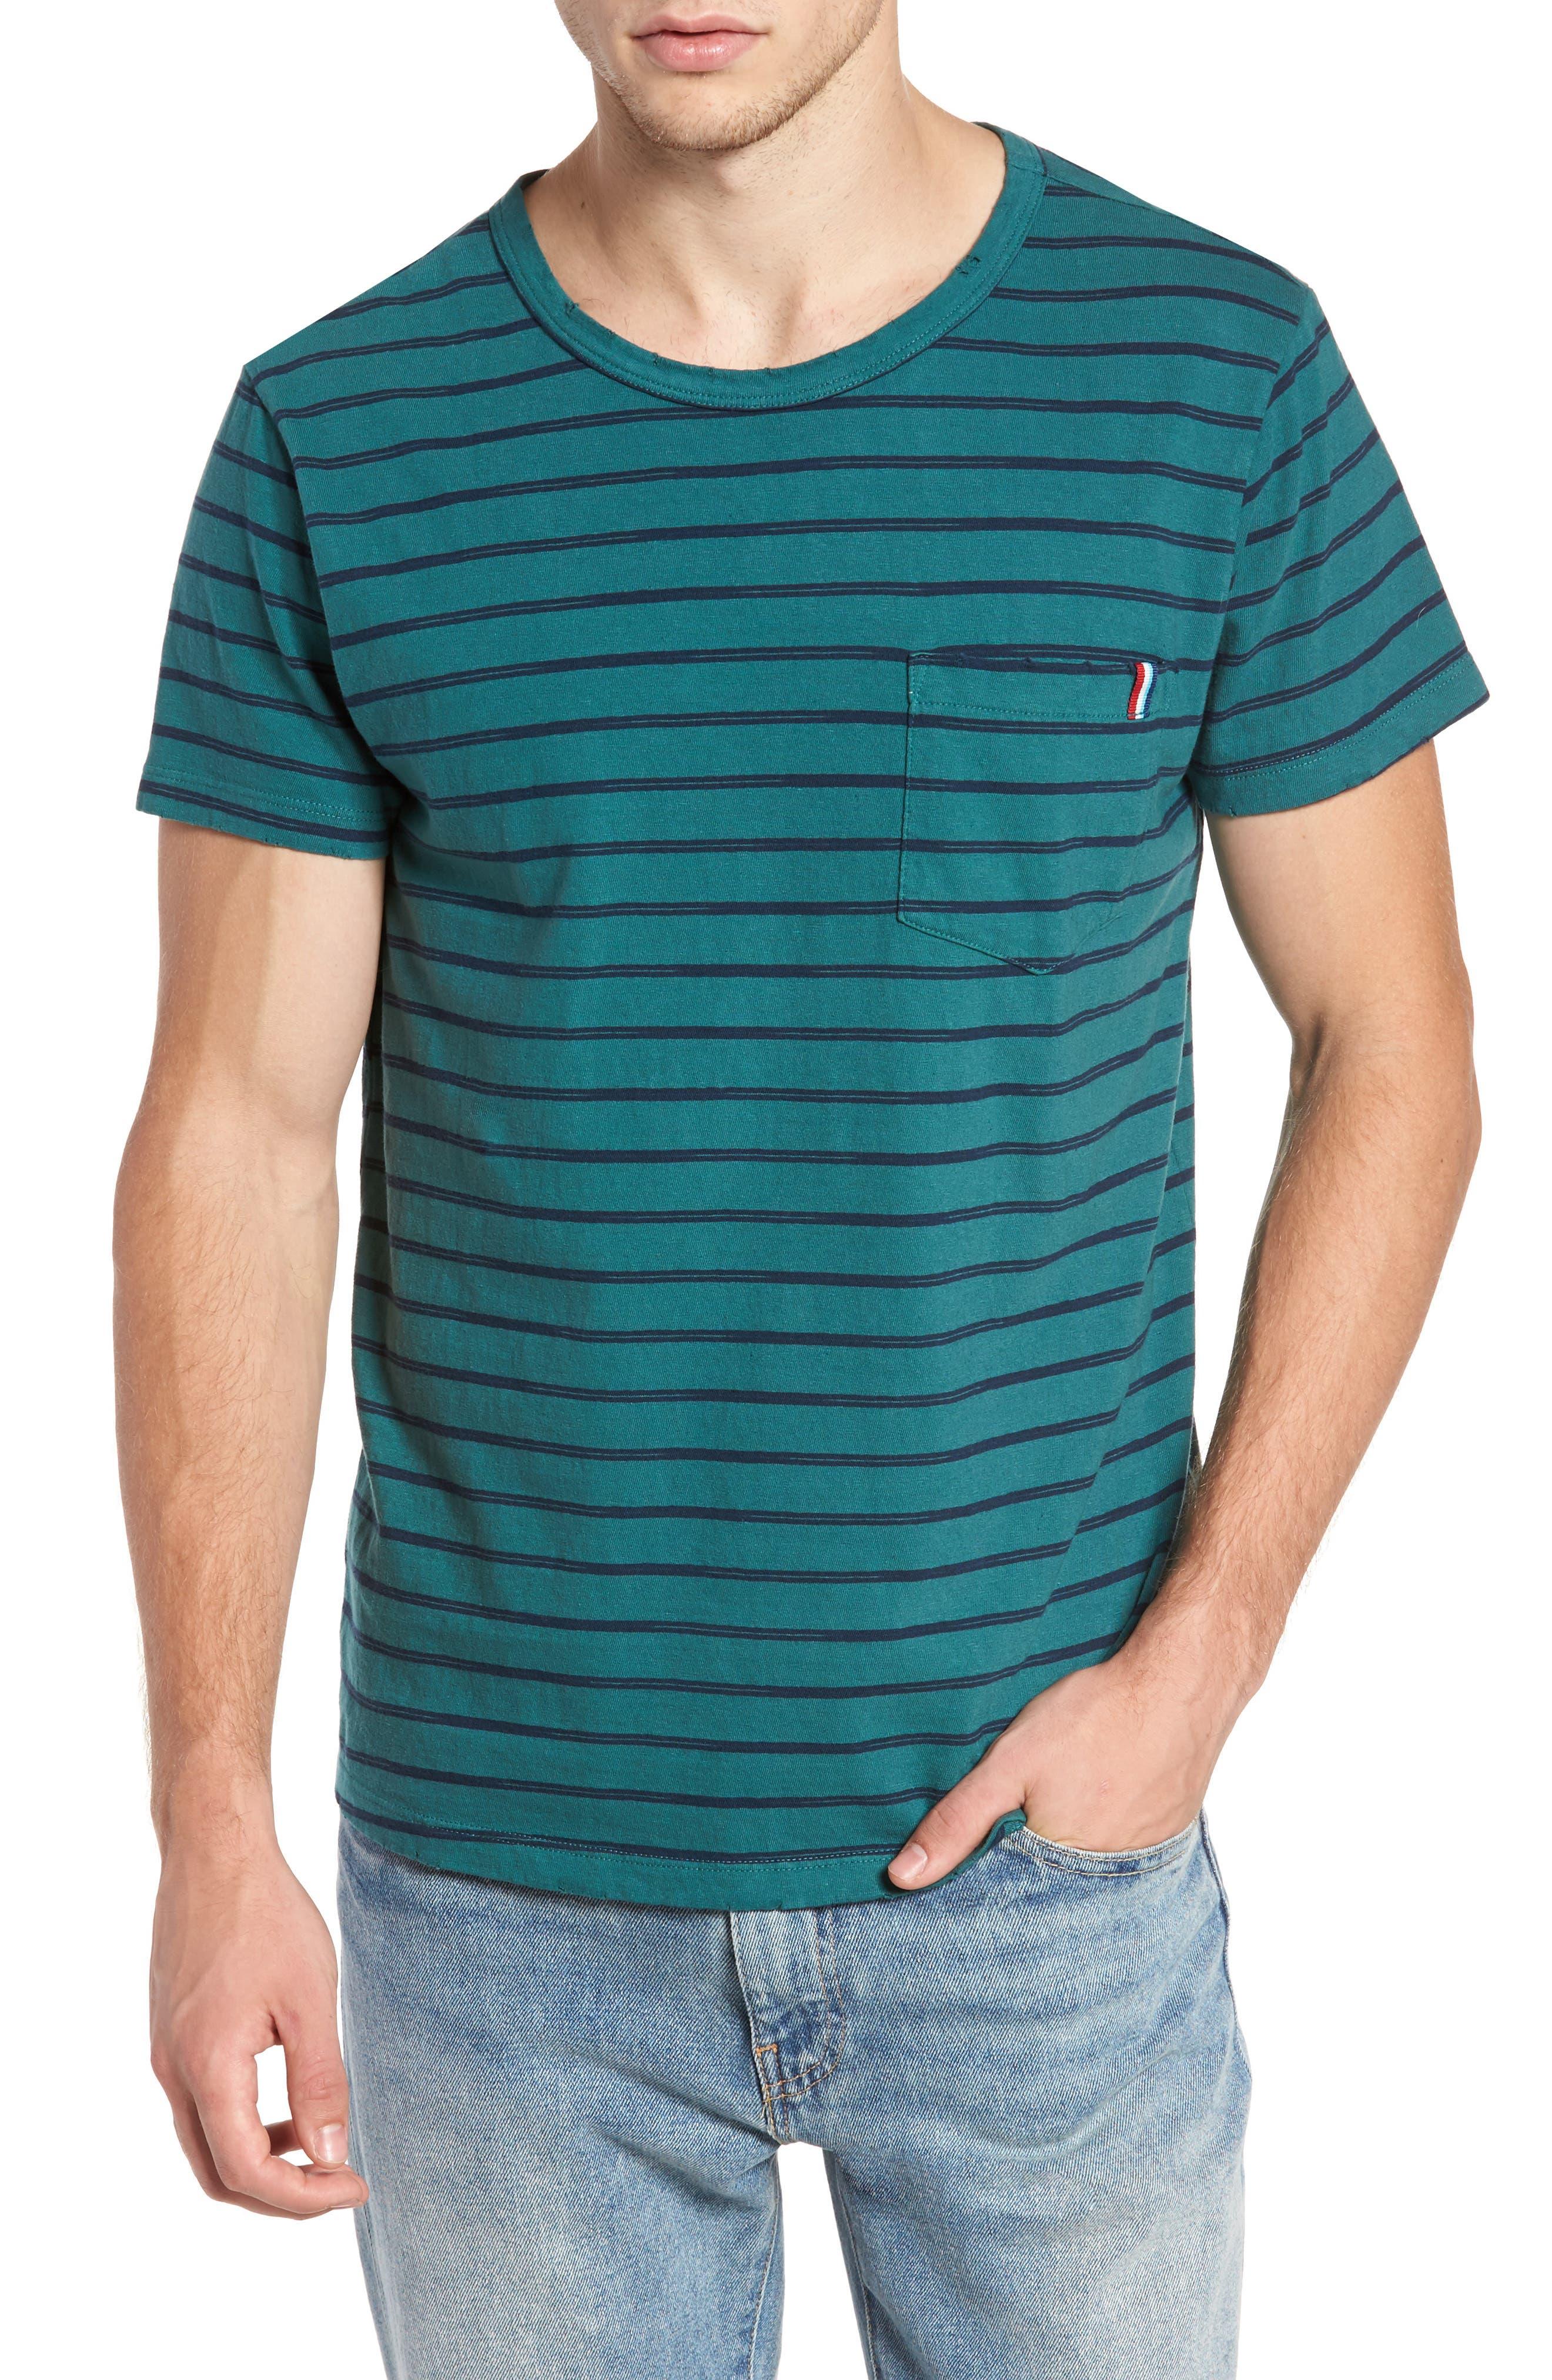 Vintage Stripe Pocket T-Shirt,                         Main,                         color, Glade